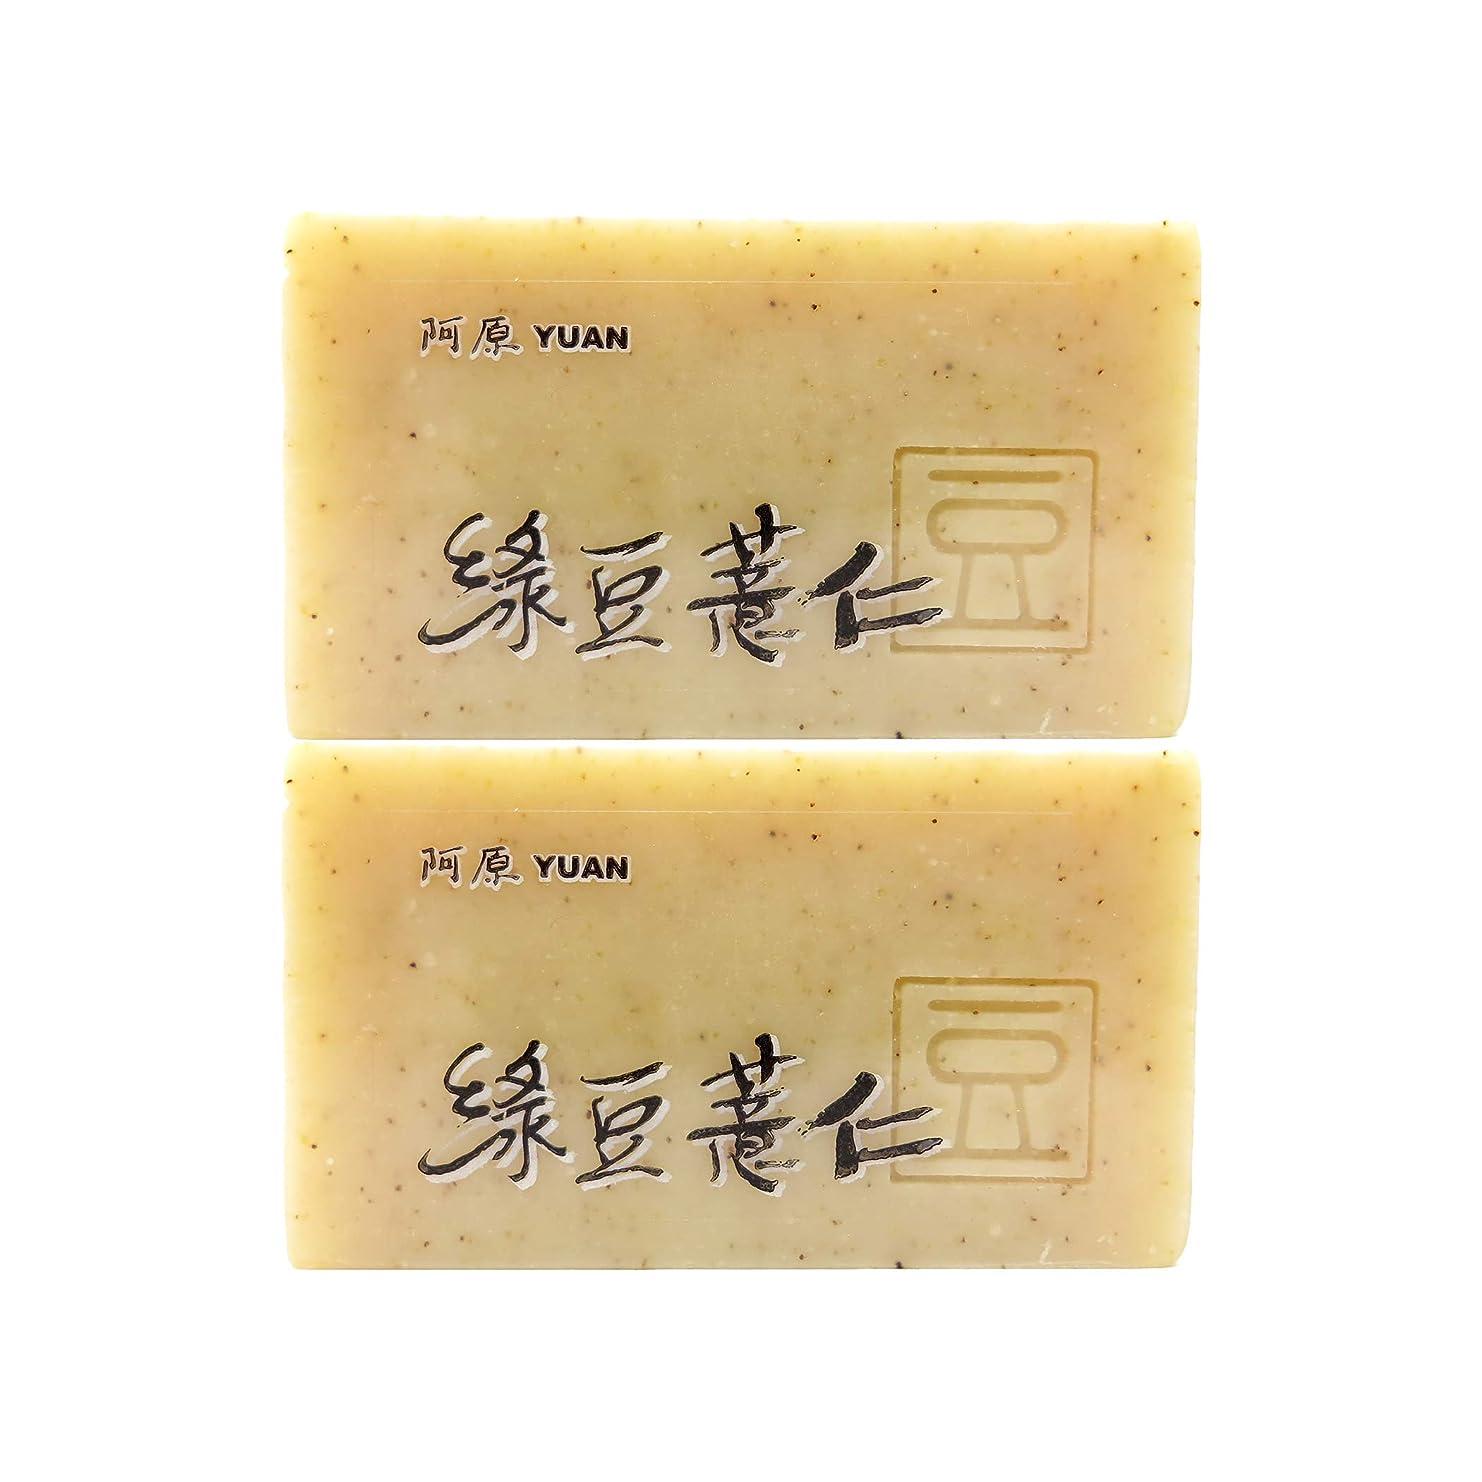 放課後聞きます間違いユアン(YUAN) ハトムギ+リョクトウソープ 100g (2個セット)